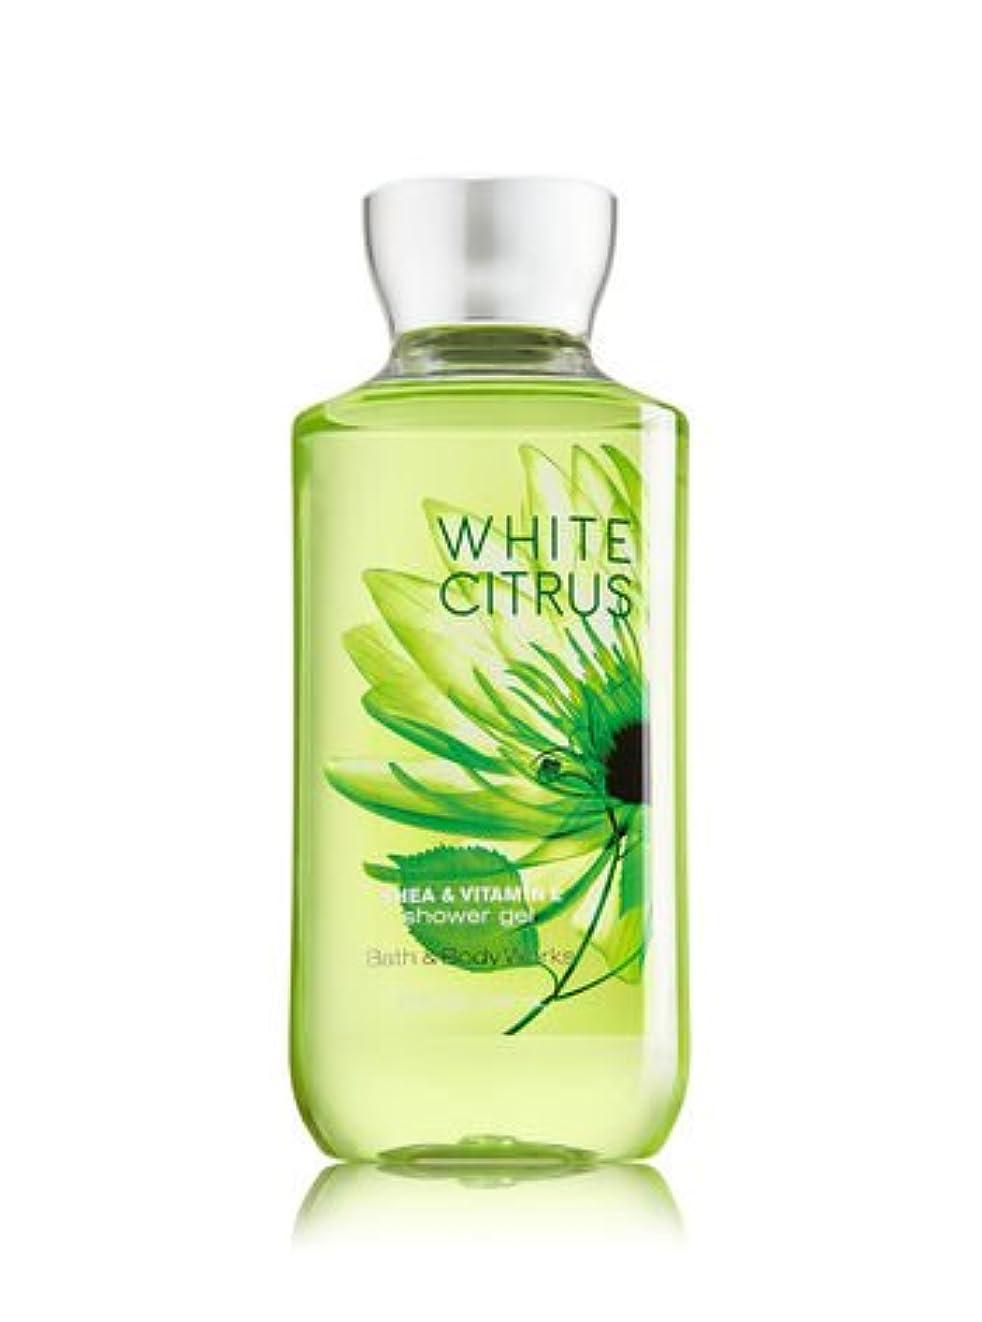 ストレスの多いアクセント柔和バス&ボディワークス ホワイトシトラス シャワージェル White Citrus Shower Gel [並行輸入品]